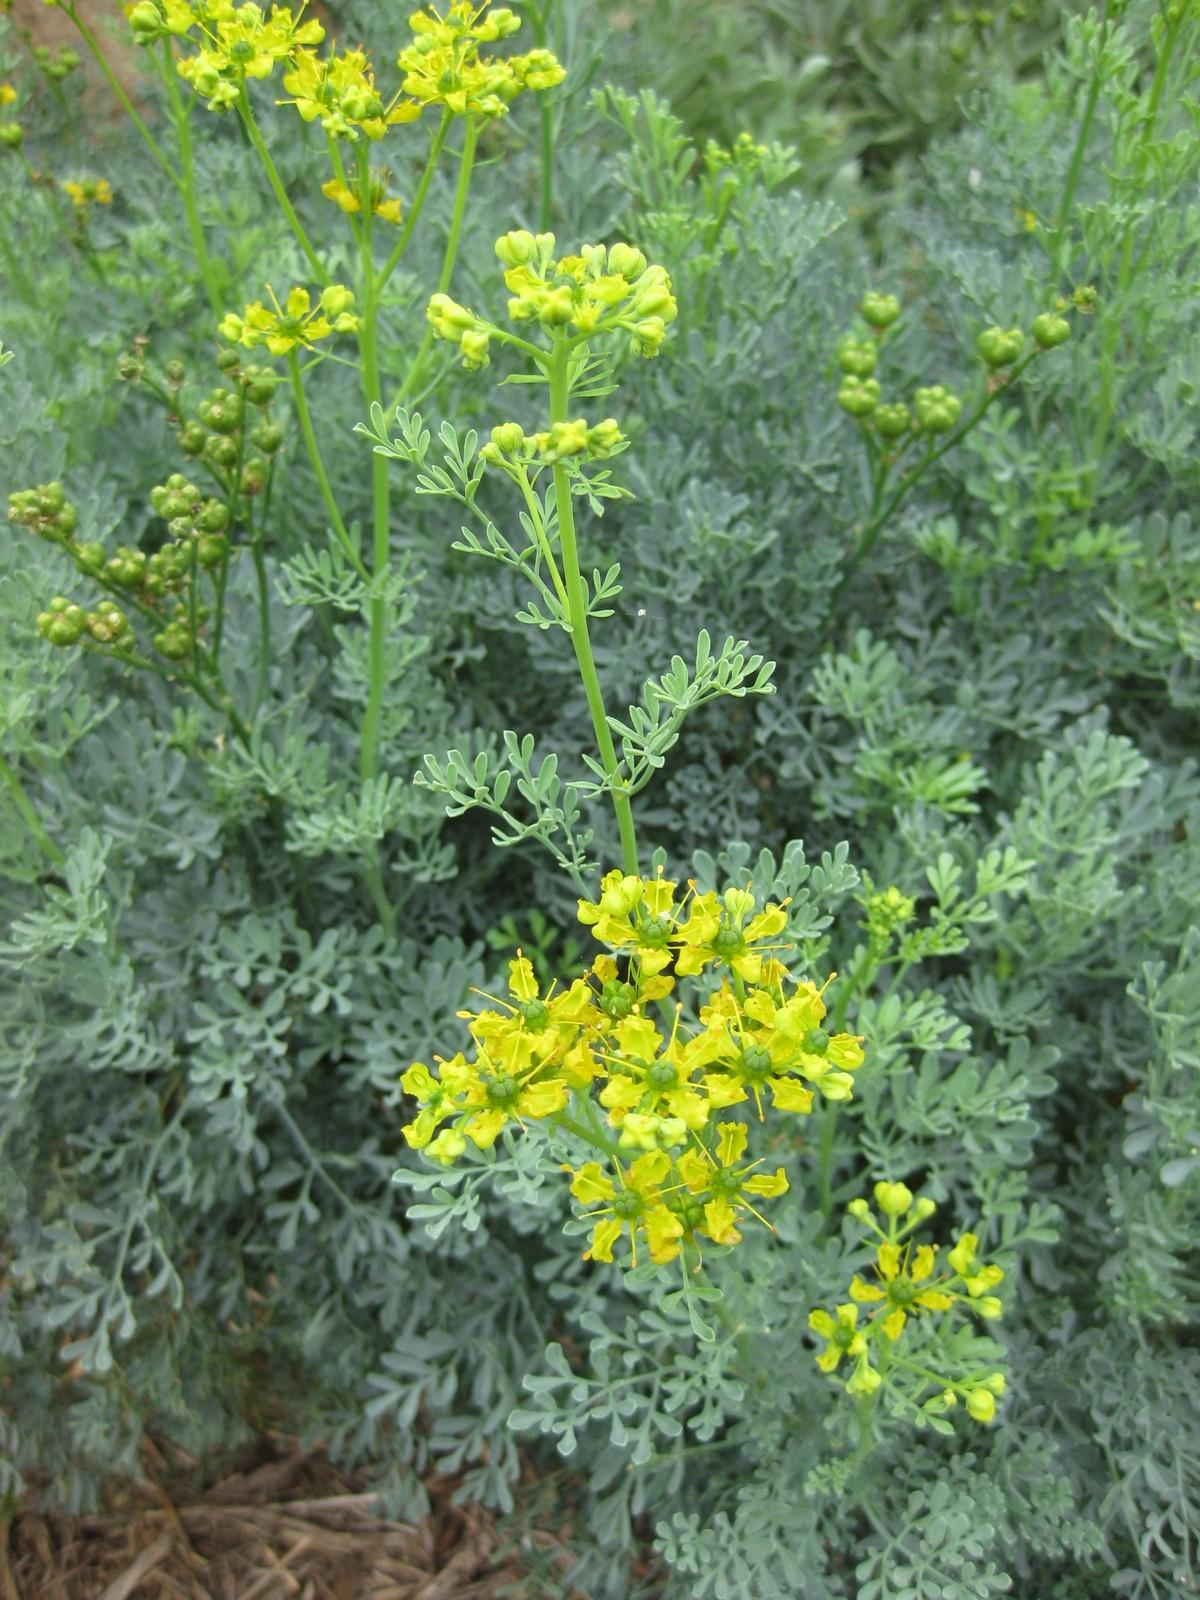 фото рута кареинкапская цветочного нектара эти